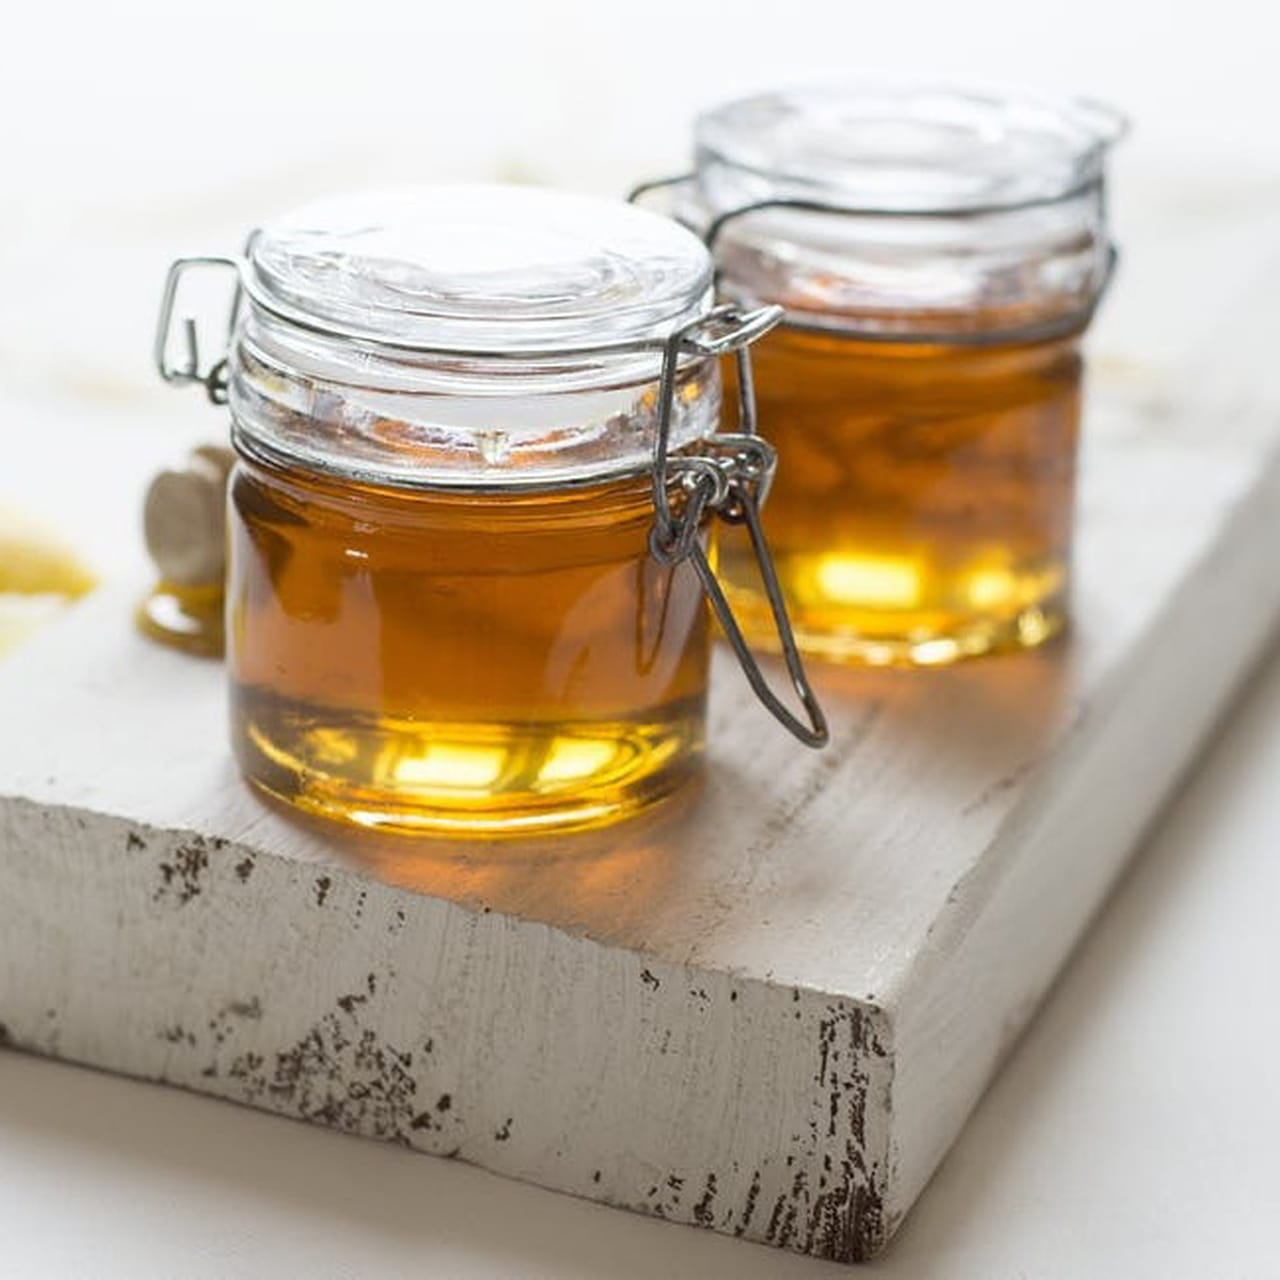 1- وصفة زيت الخردل مع العسل والزبادي لإطالة الشعر